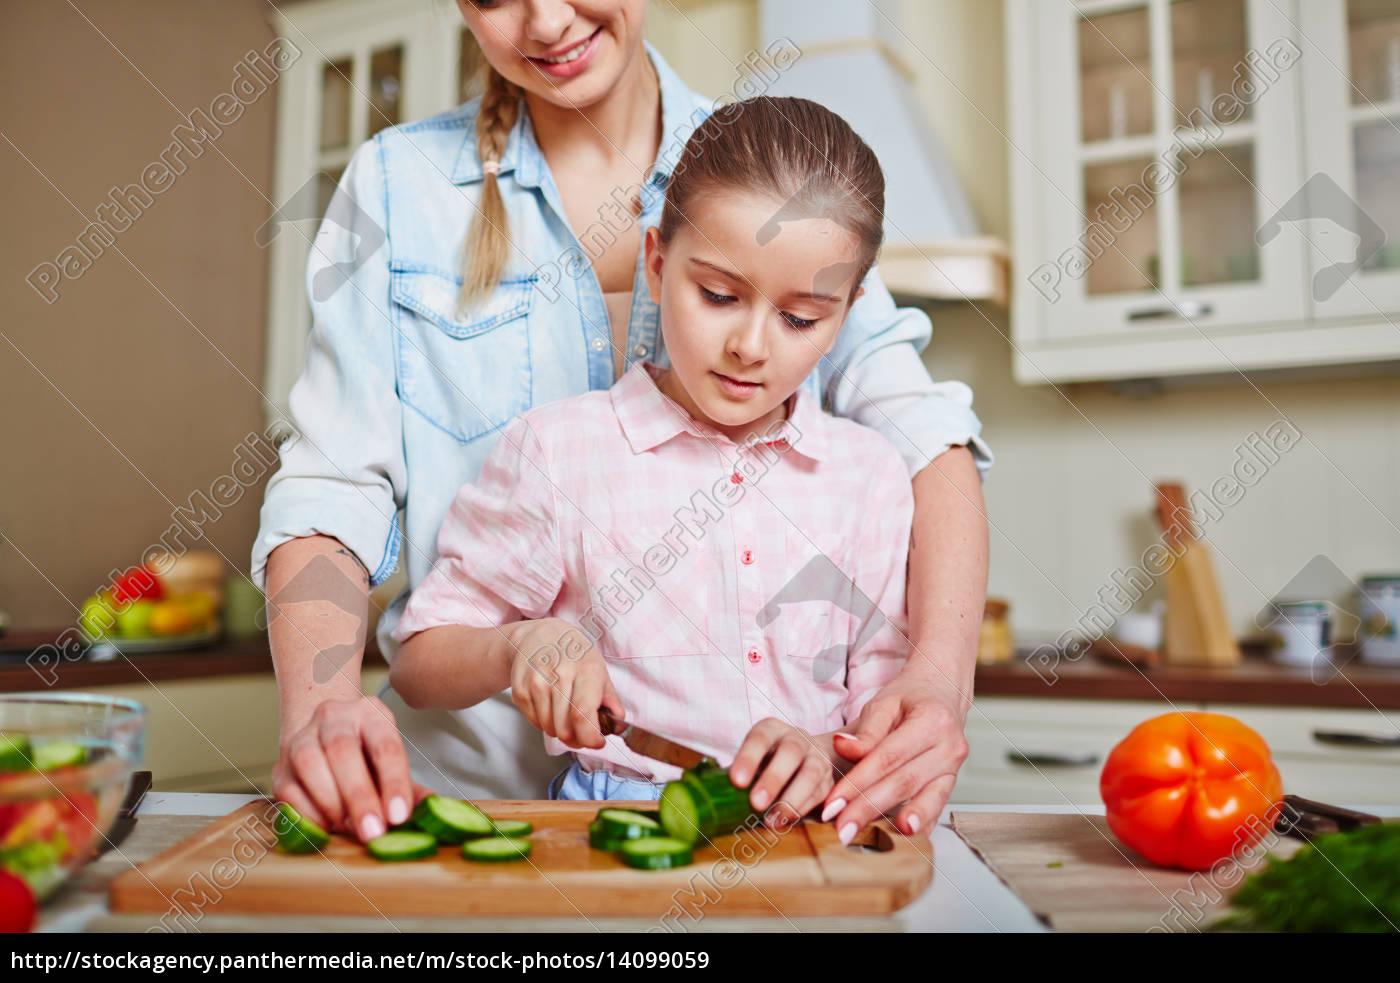 girl, cutting, cucumber - 14099059